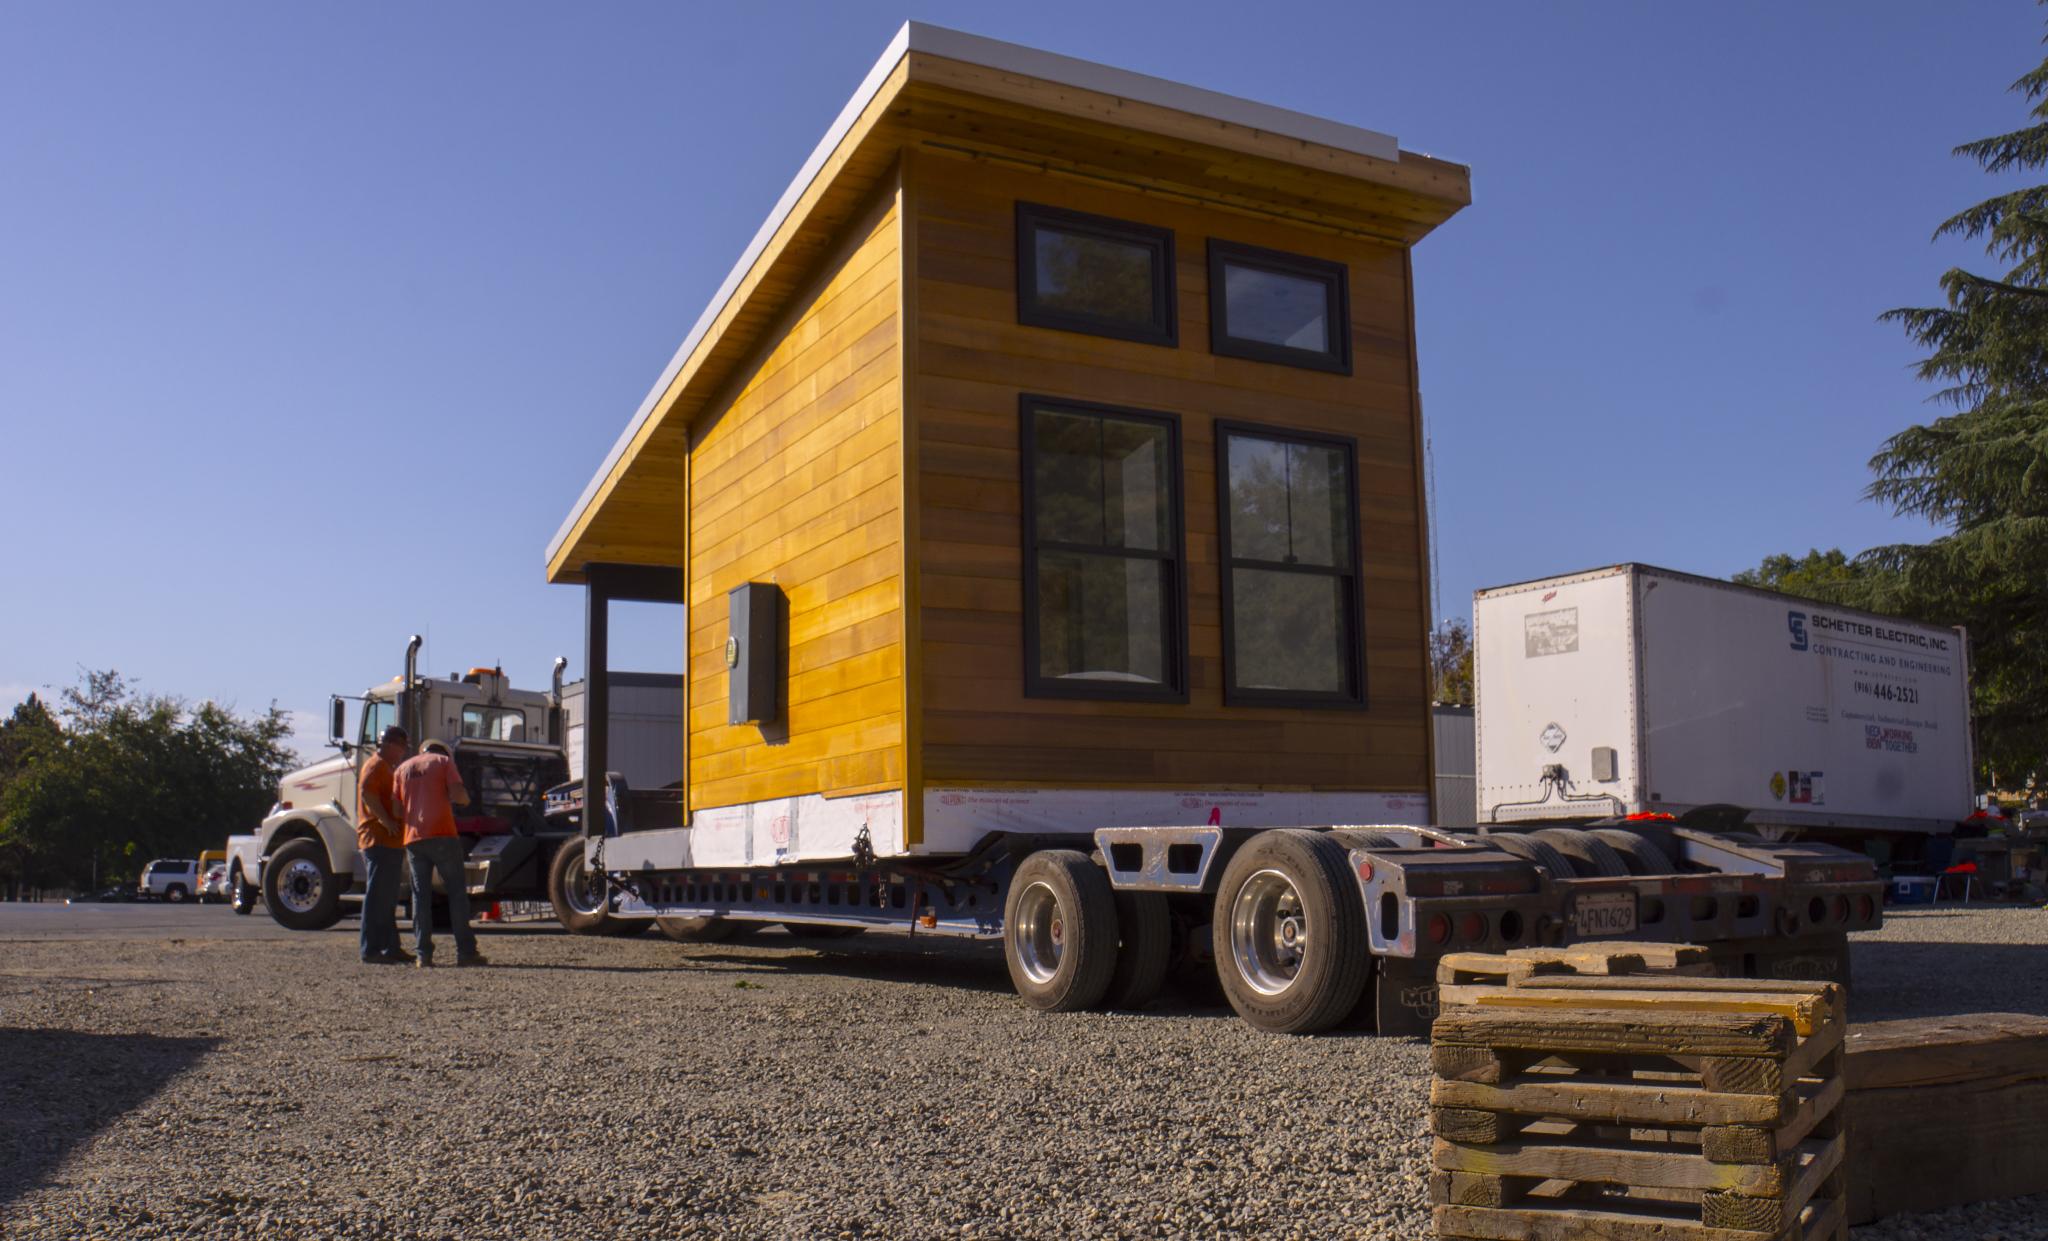 Solar house on the move